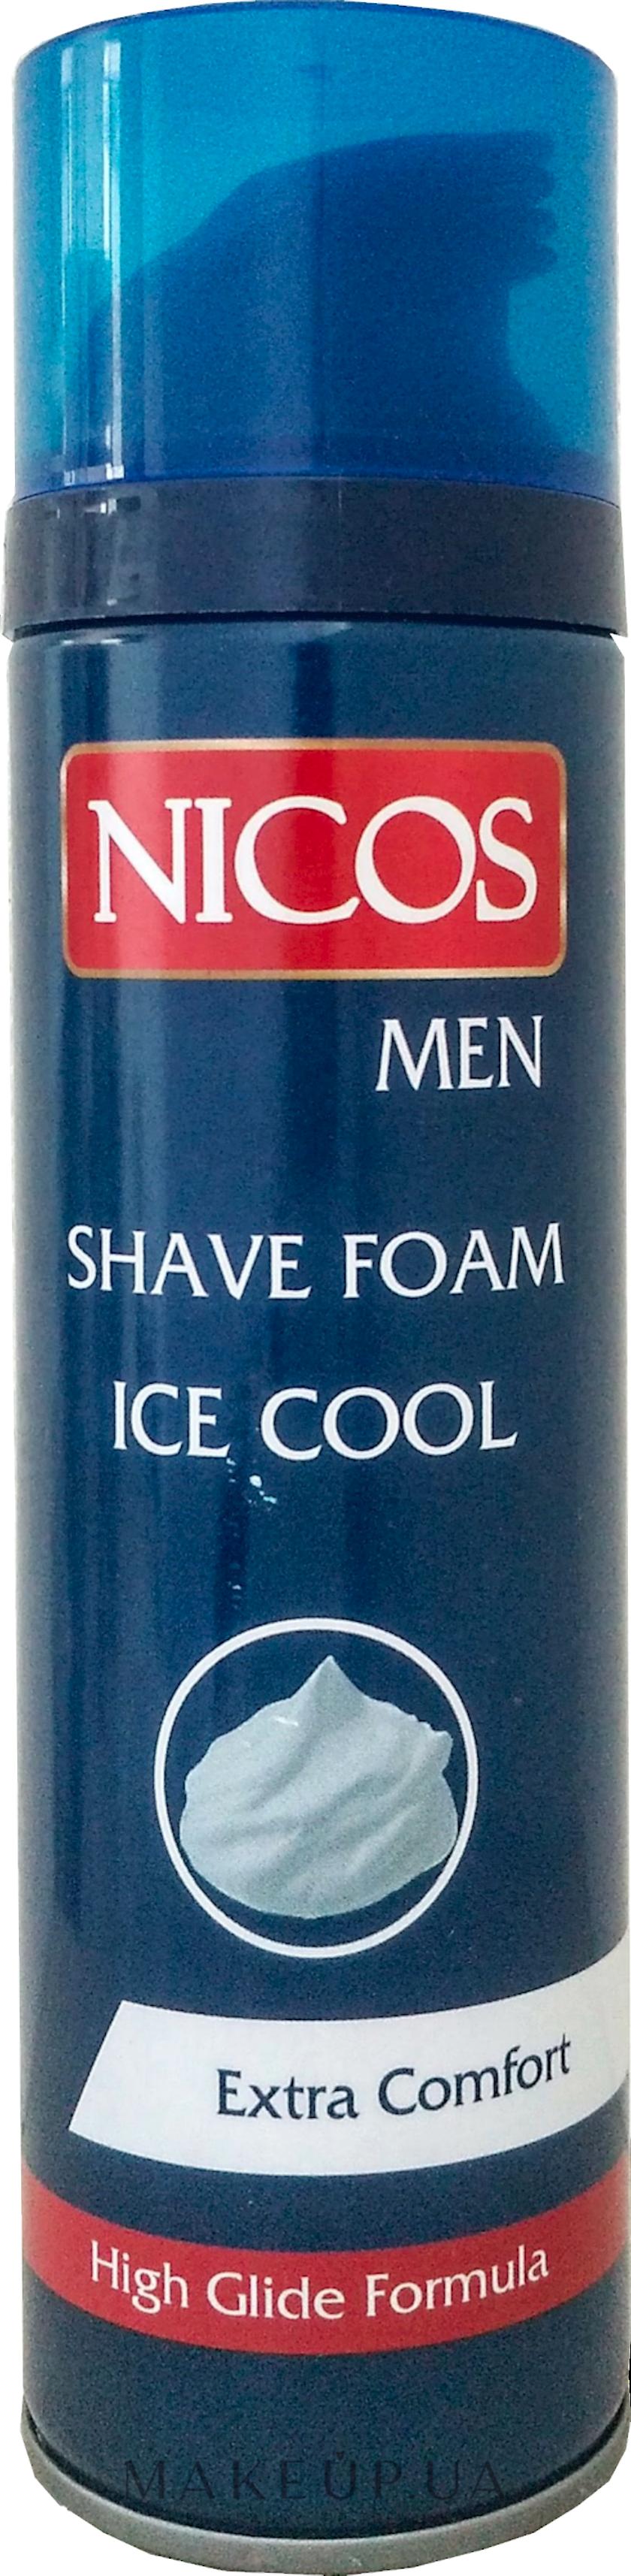 Təraş köpüyü Nicos Ice Cool Extra Comfort 200 ml